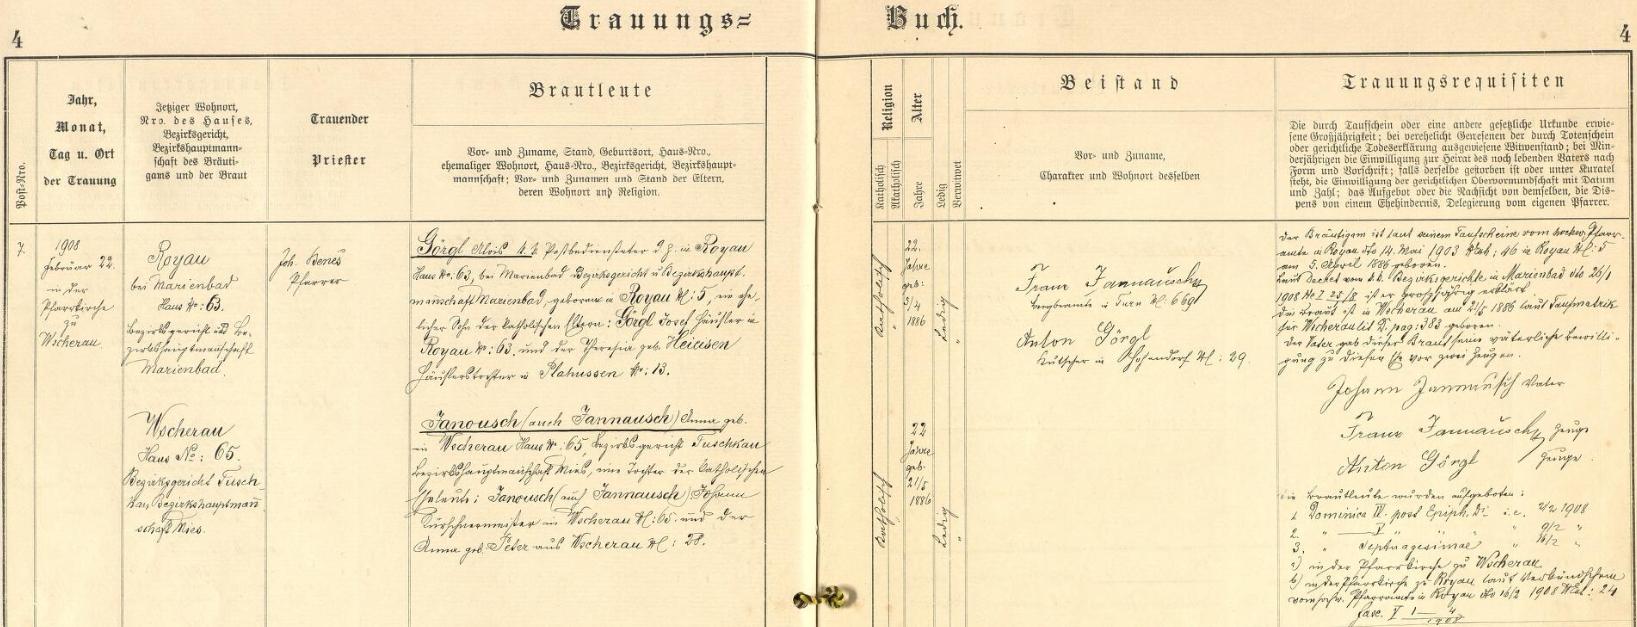 Záznam o svatbě jeho rodičů ve Všerubech u Plzně, z něhož vyplývá, že otec Alois Görgl (*5. dubna 1886) byl synem domkáře Josefa Görgla v Rájově u Mariánských Lázní a Theresie, roz. Heieisen z Blahoust, matka Anna (*21. května 1886) byla pak dcerou Johanna Janousche, kožišnického mistra ve Všerubech u Plzně, a Anny, roz. Peterové rovněž ze Všerub u Plzně